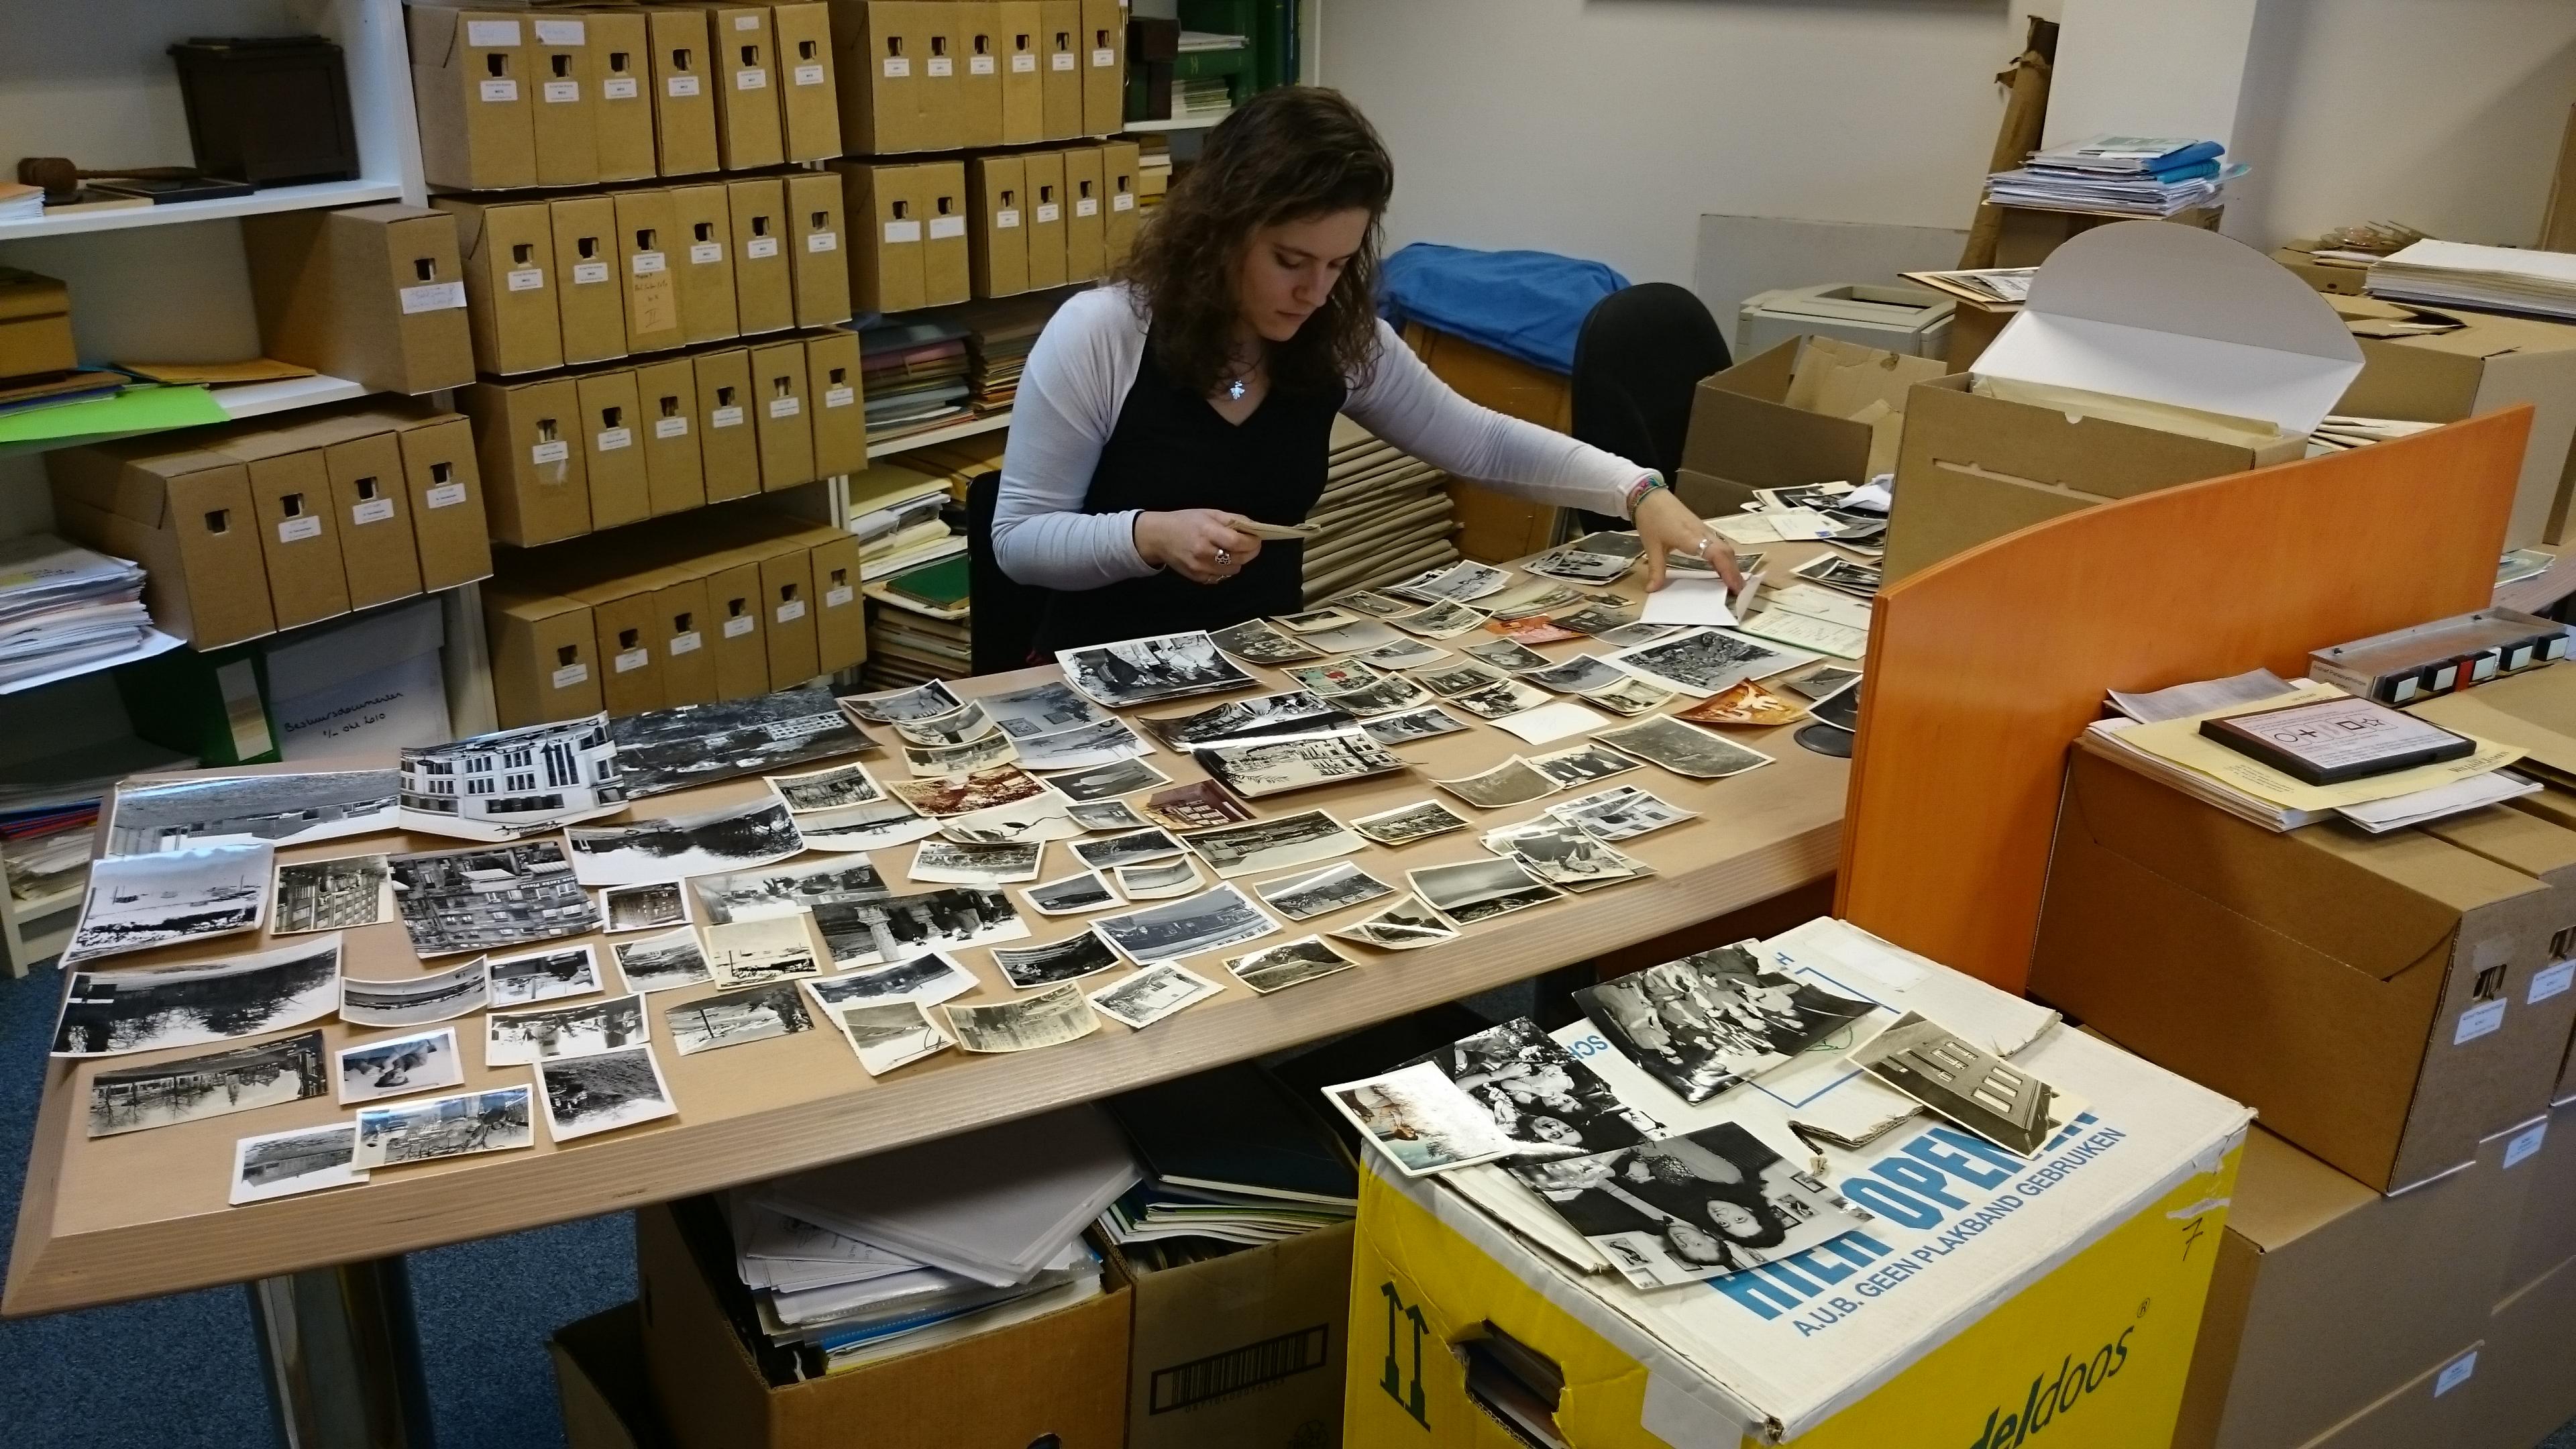 Iris zoekt foto's uit voor HJBF.